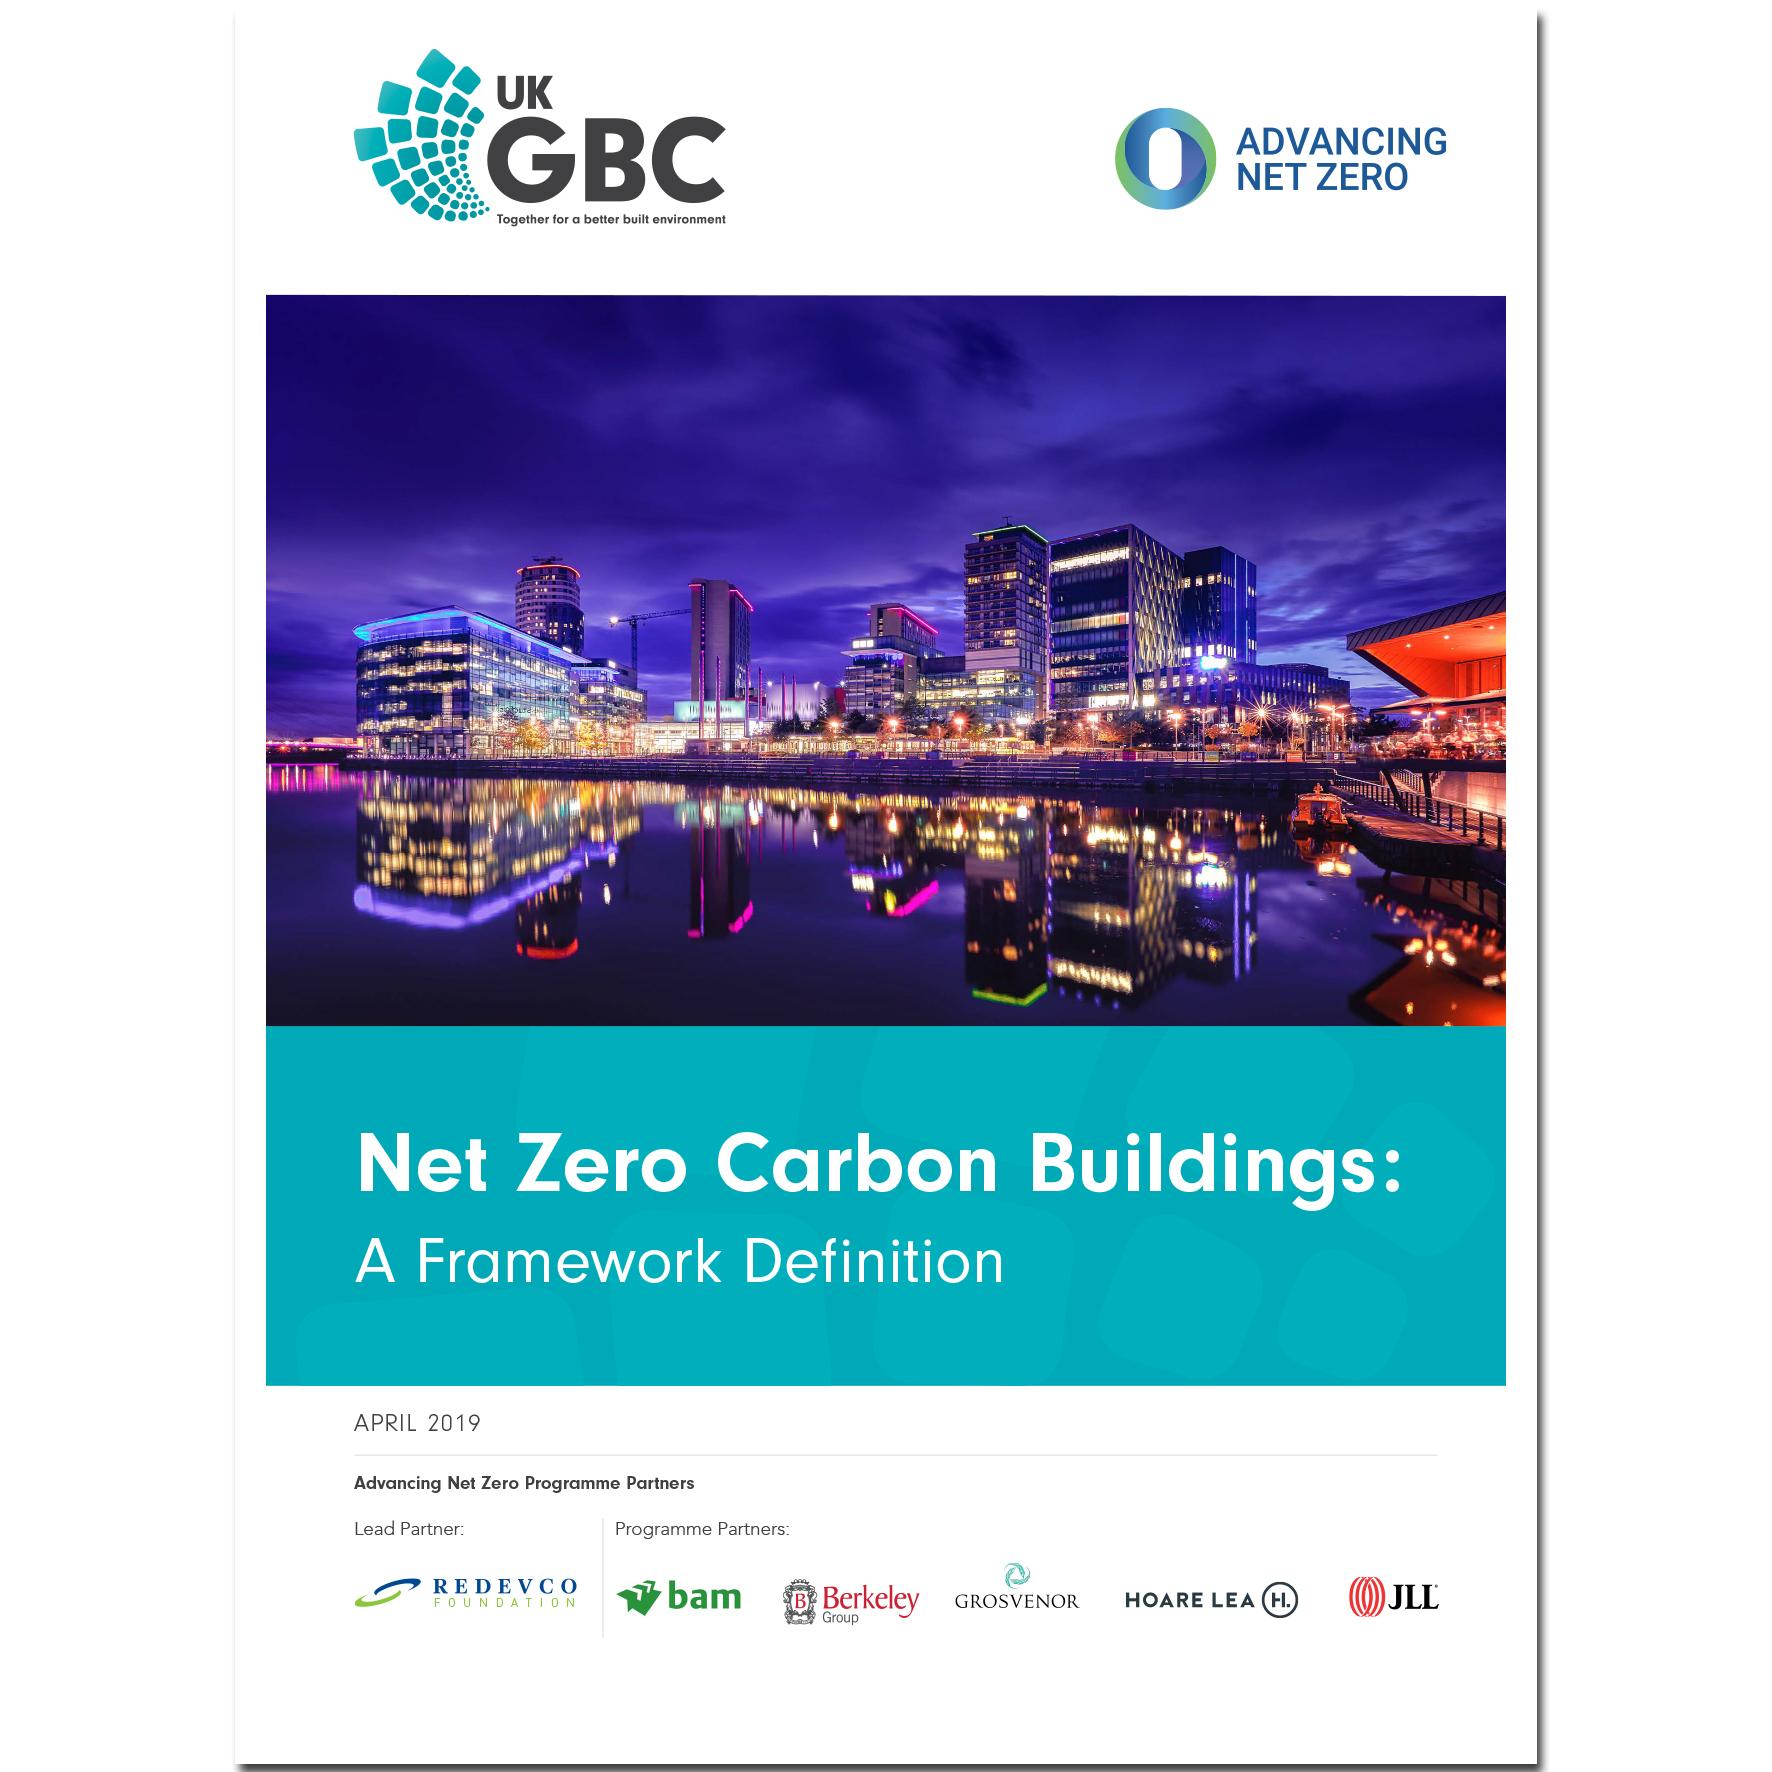 Net Zero Carbon Buildings: A Framework Definition